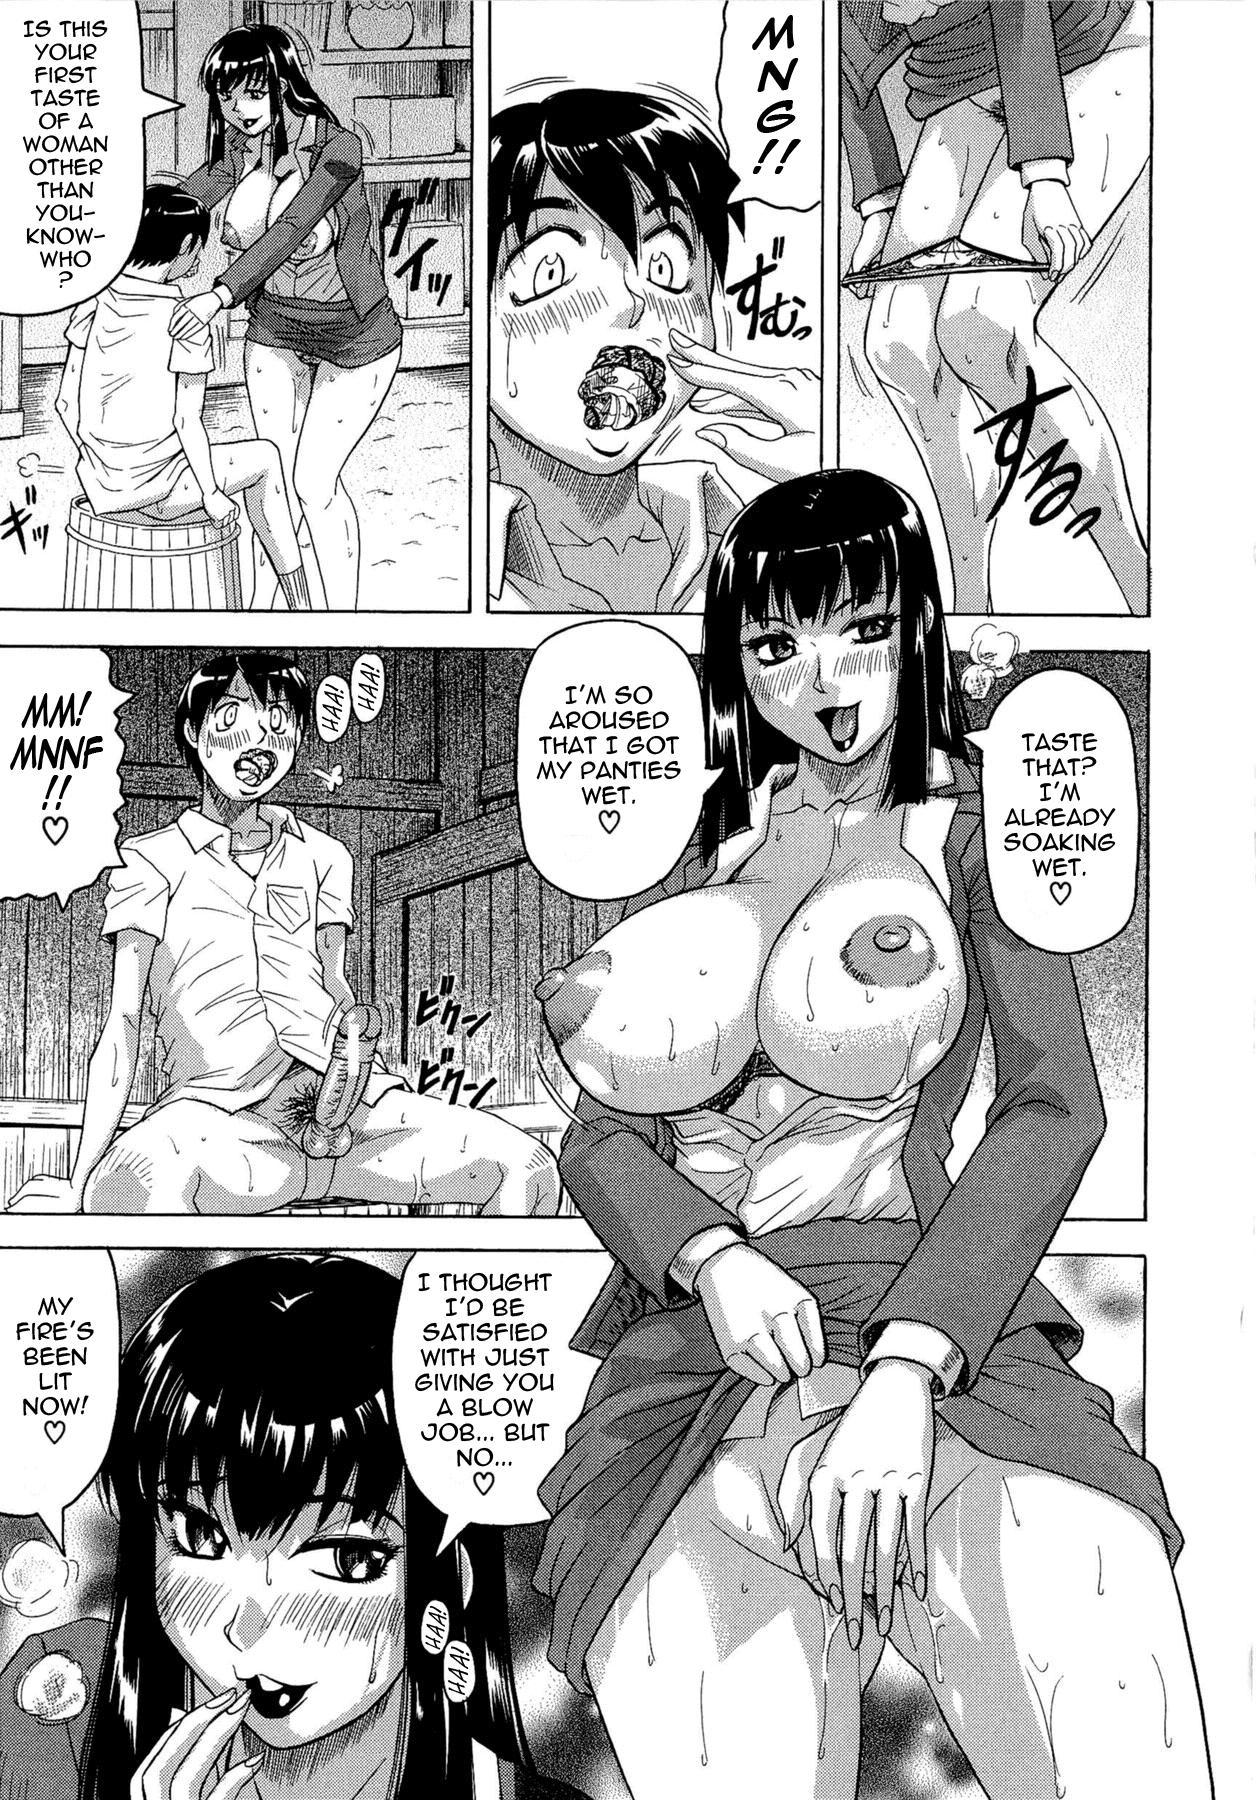 [Jamming] Koibito ha Tonari no Oneesan (Hatsujyouki) | My Lover is the Girl Next Door [English] {Tadanohito} 86